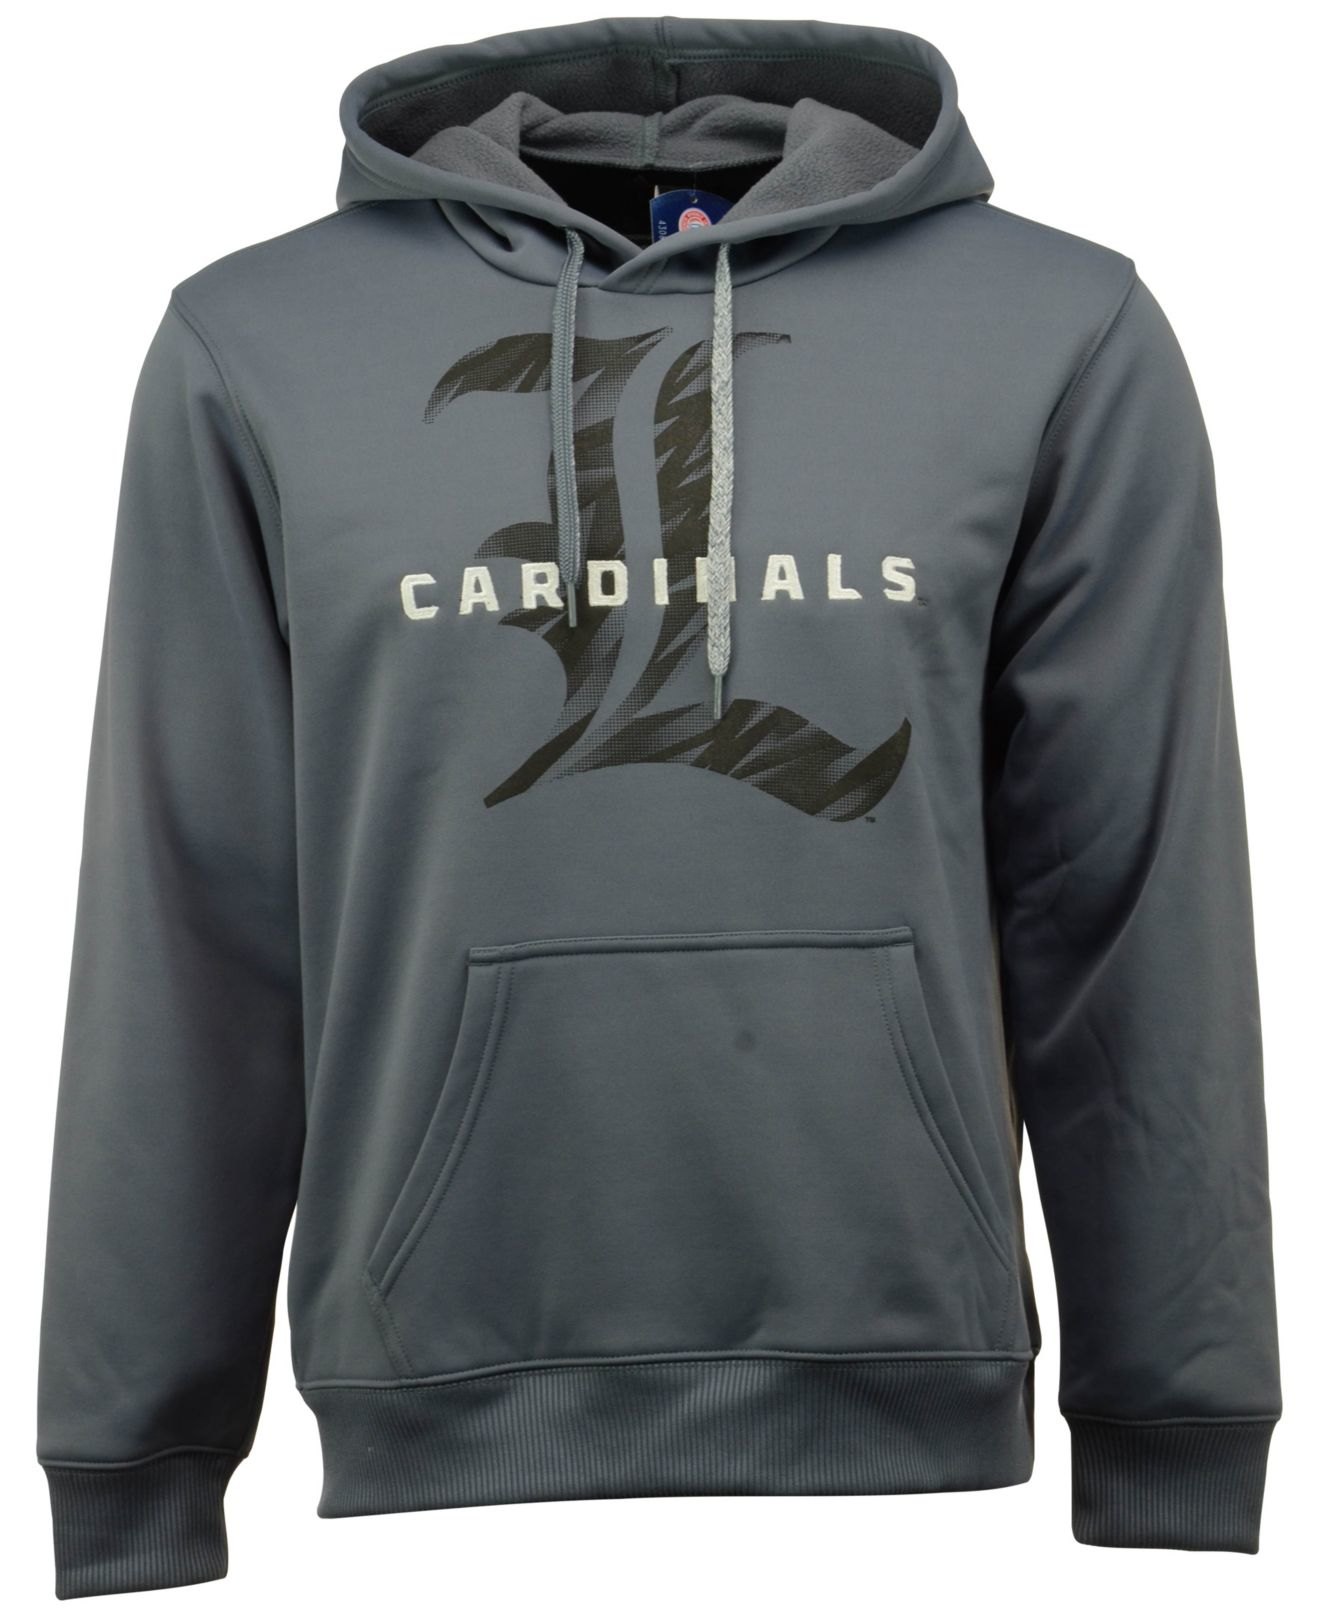 Louisville hoodies